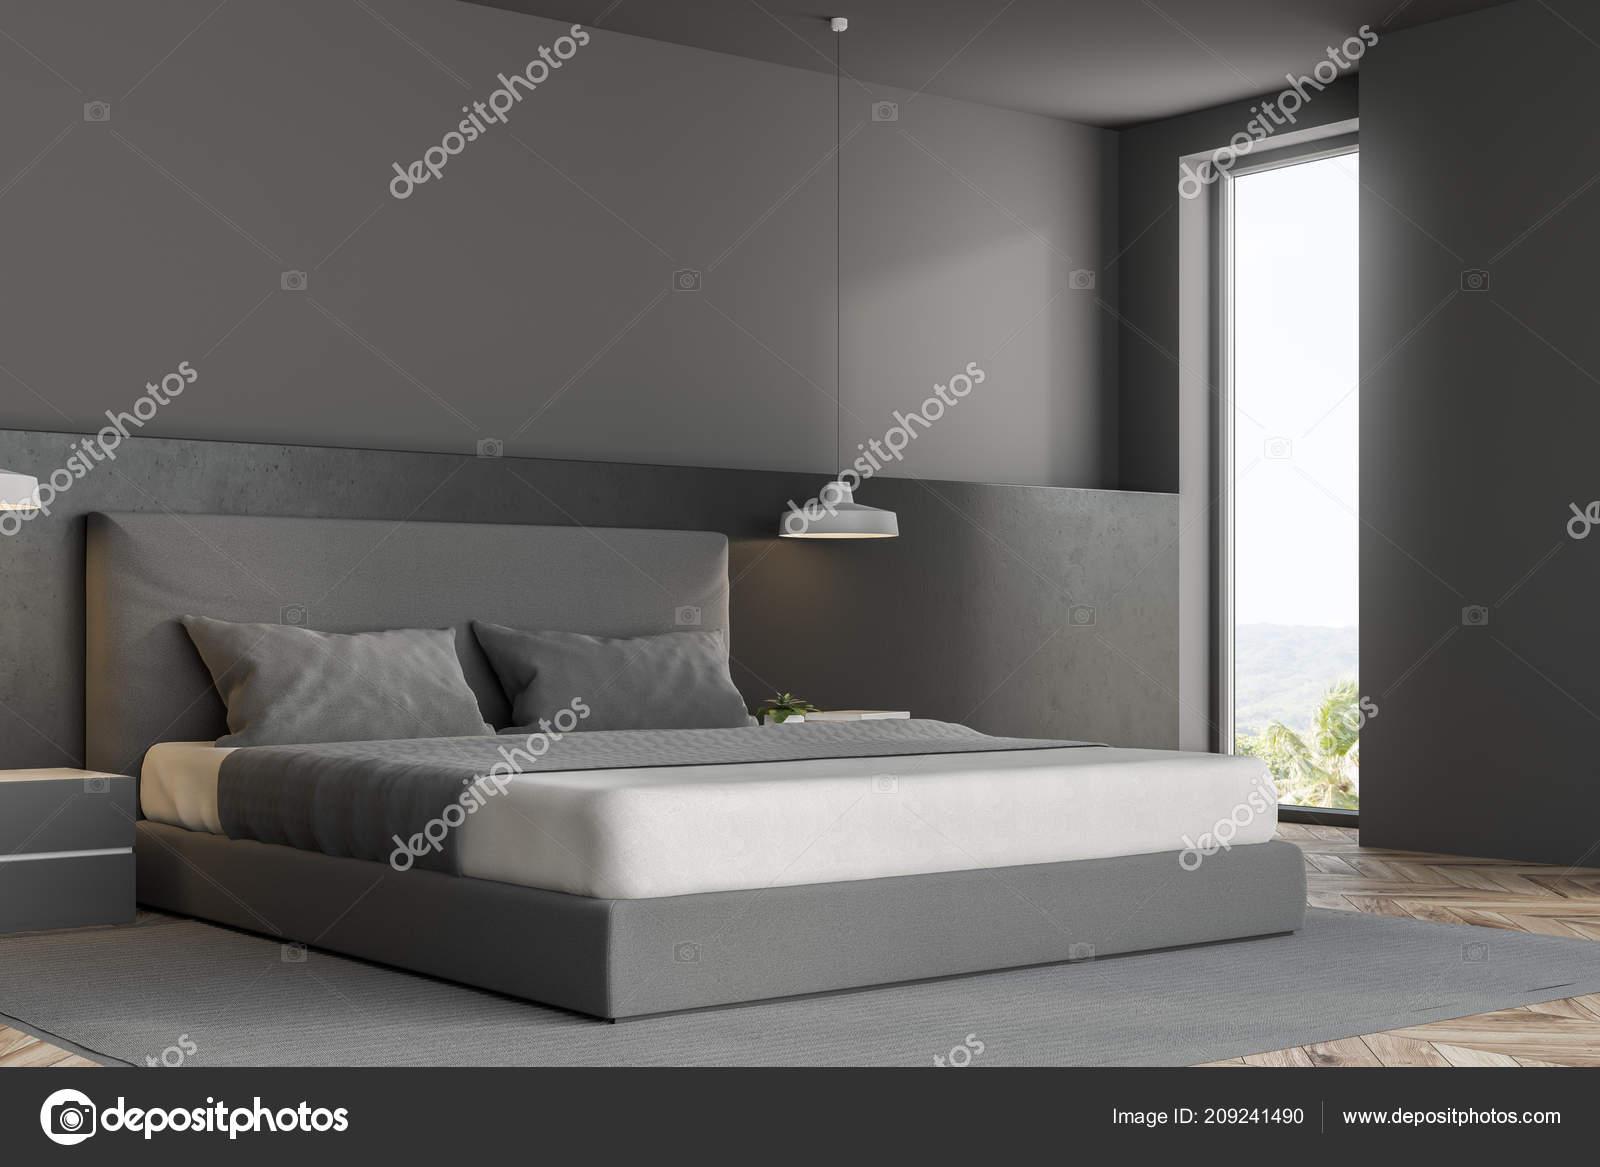 Camere Da Letto Pareti Grigie : Il letto della carta da parati bianca e rosa nella camera da letto